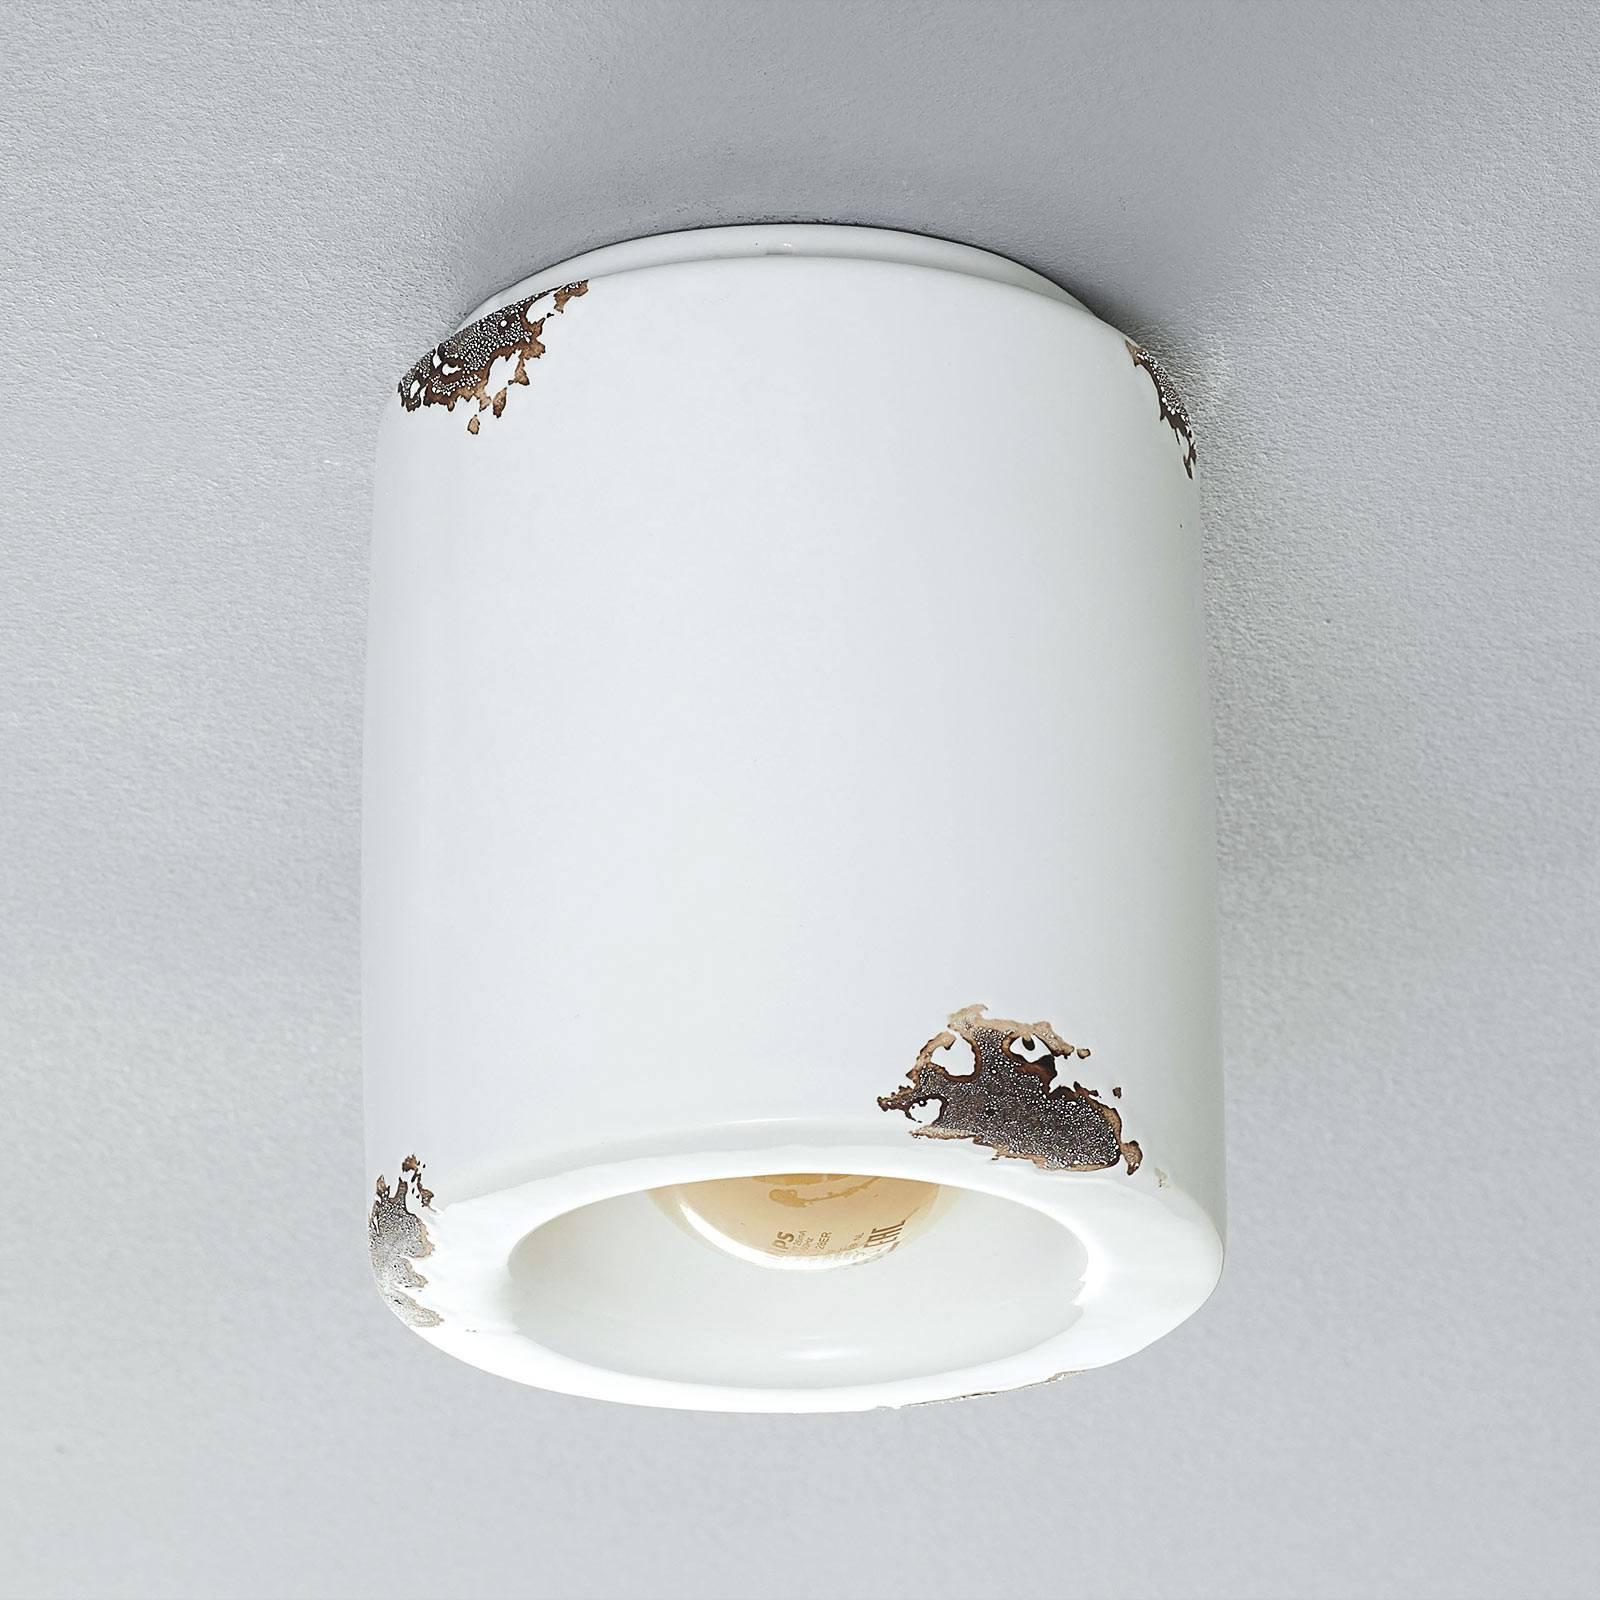 Taklampe C986 i vintage-stil, hvit